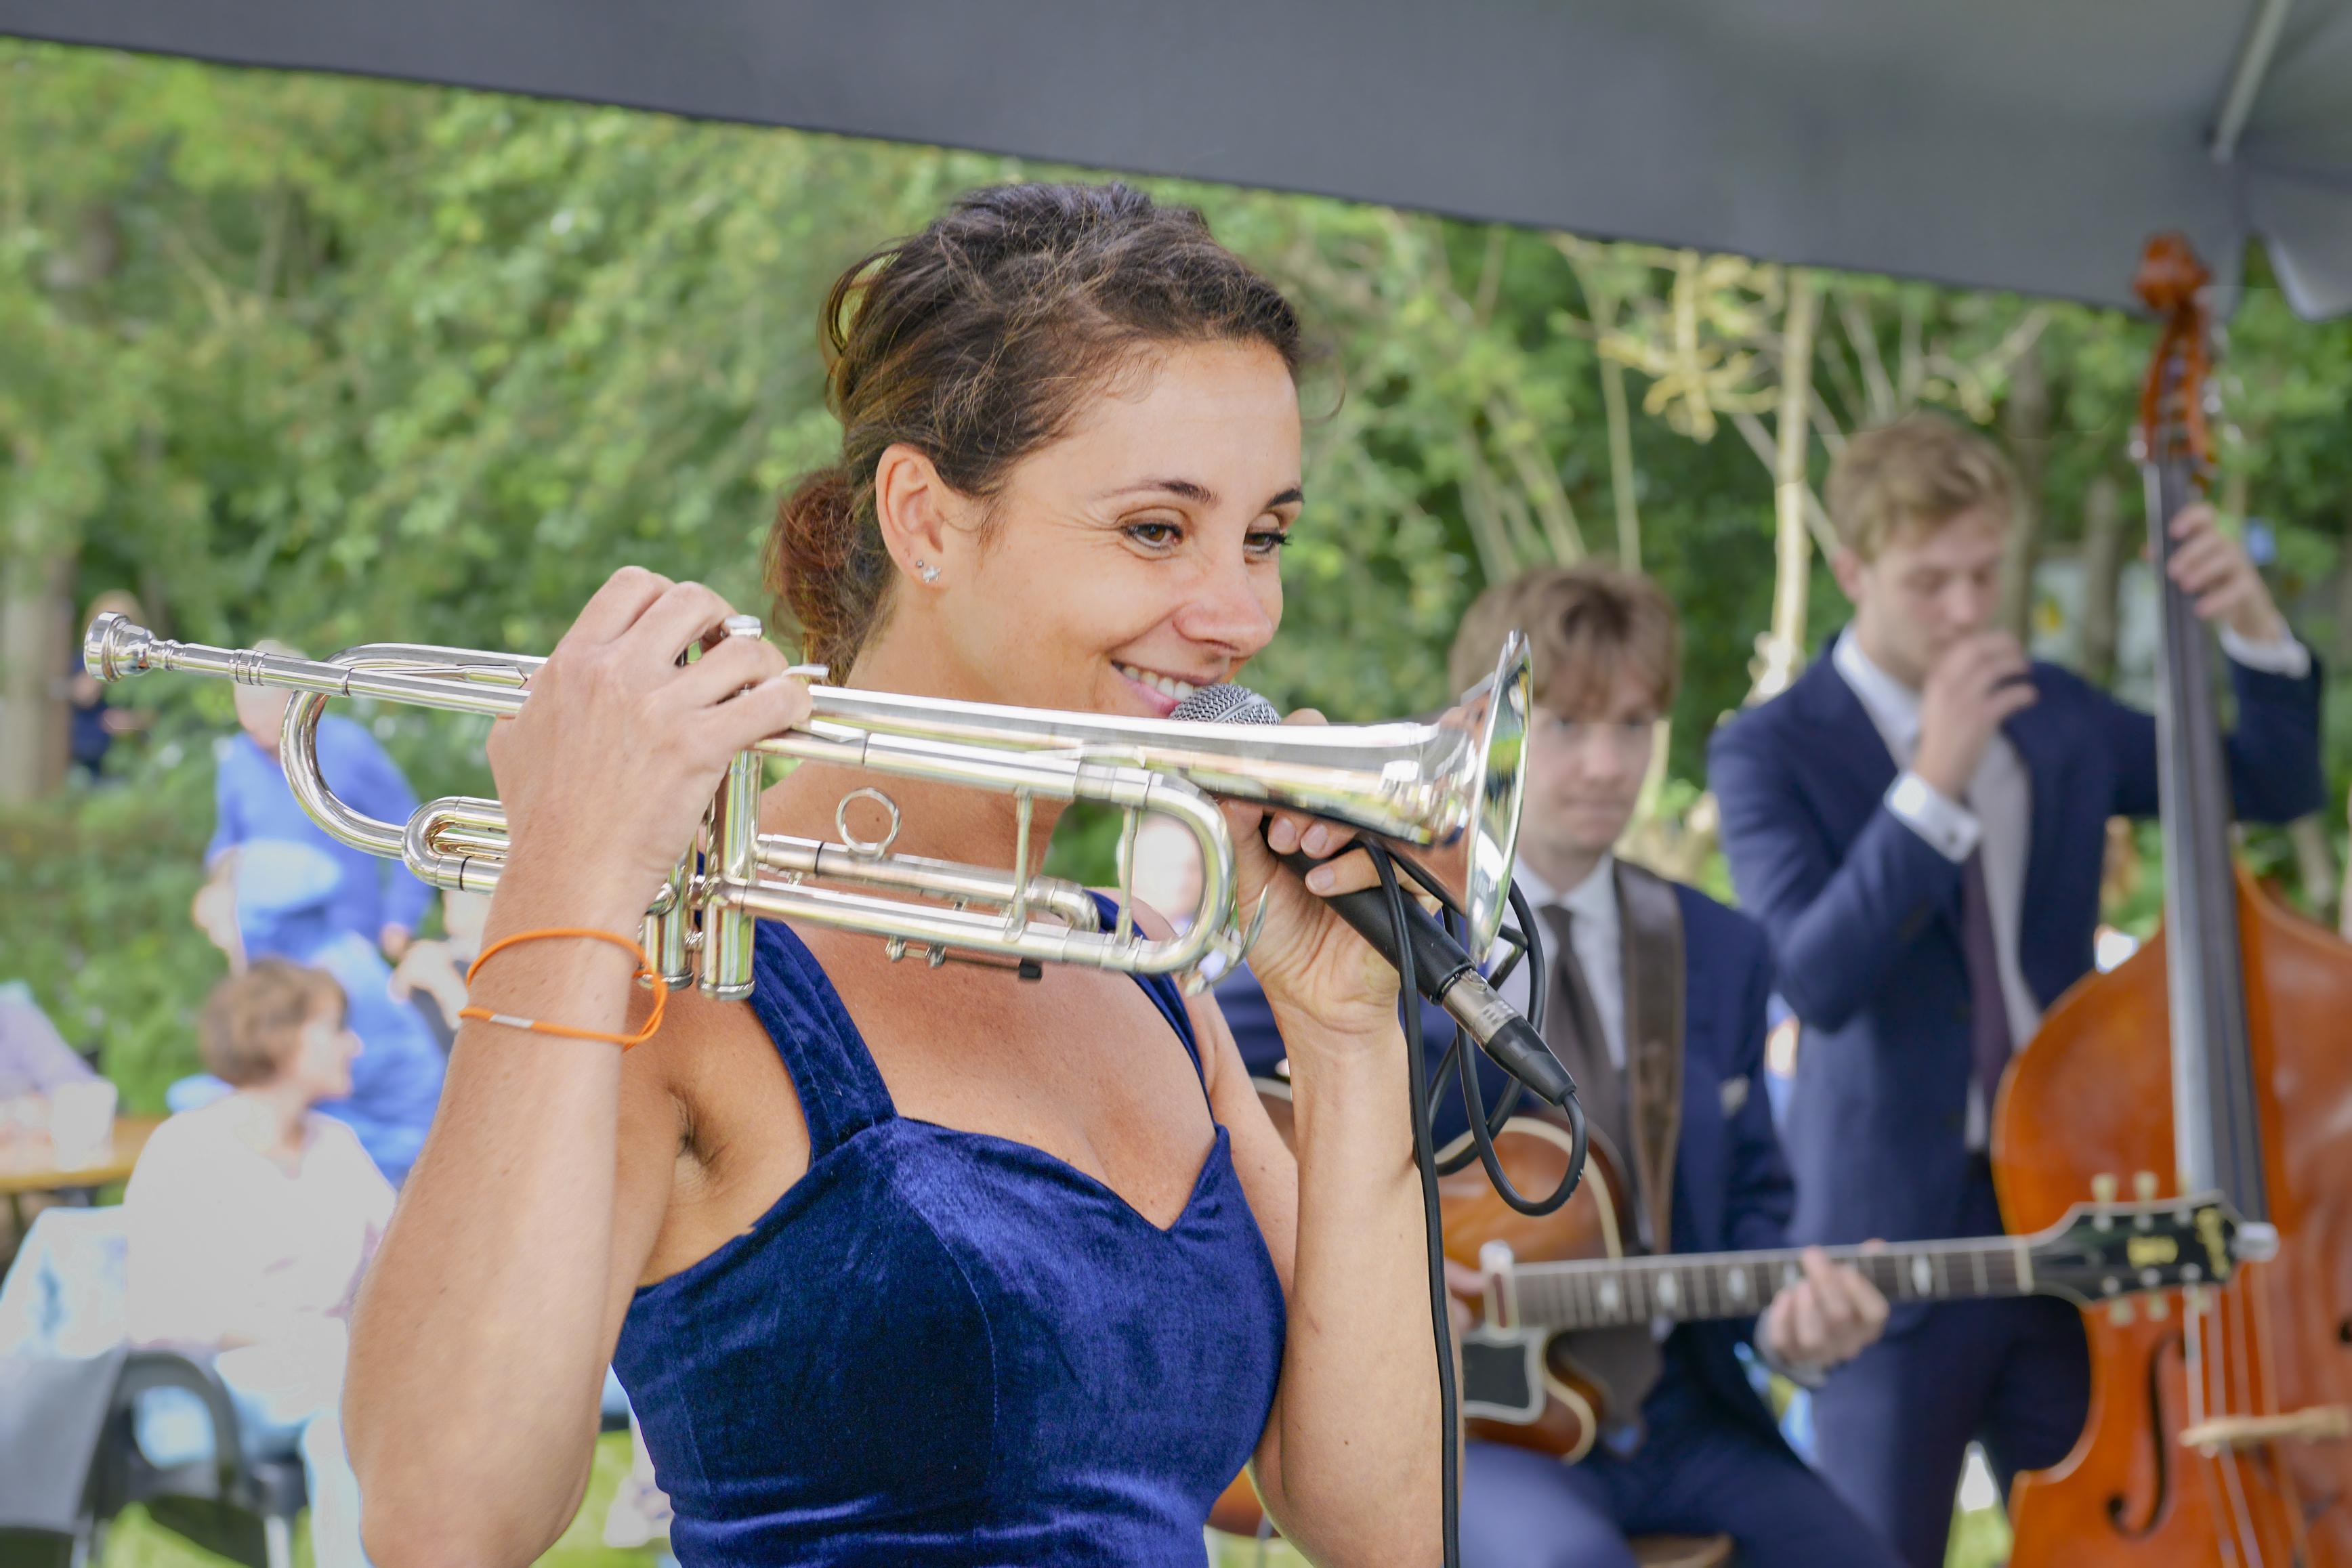 Muzikante Roxi zou van Texel naar Spanje verhuizen, maar ze kwam niet verder dan Almere-Poort. Tja, je komt ook niet elke dag een wereldgozer tegen